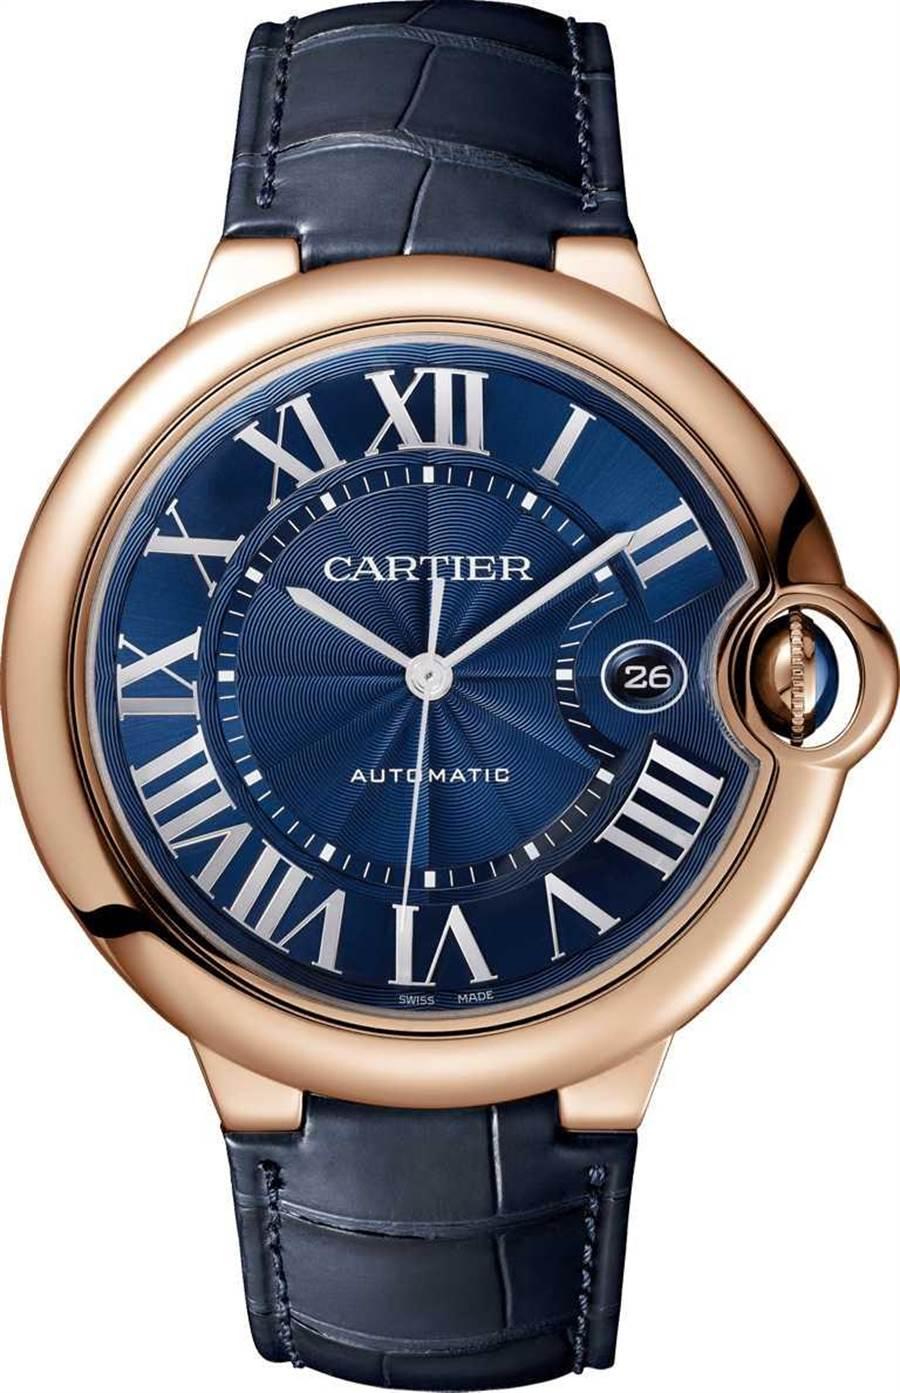 CARTIER「Ballon Bleu de Cartier系列」腕表╱玫瑰K金表壳,42mm╱485,000元。(图╱CARTIER提供)